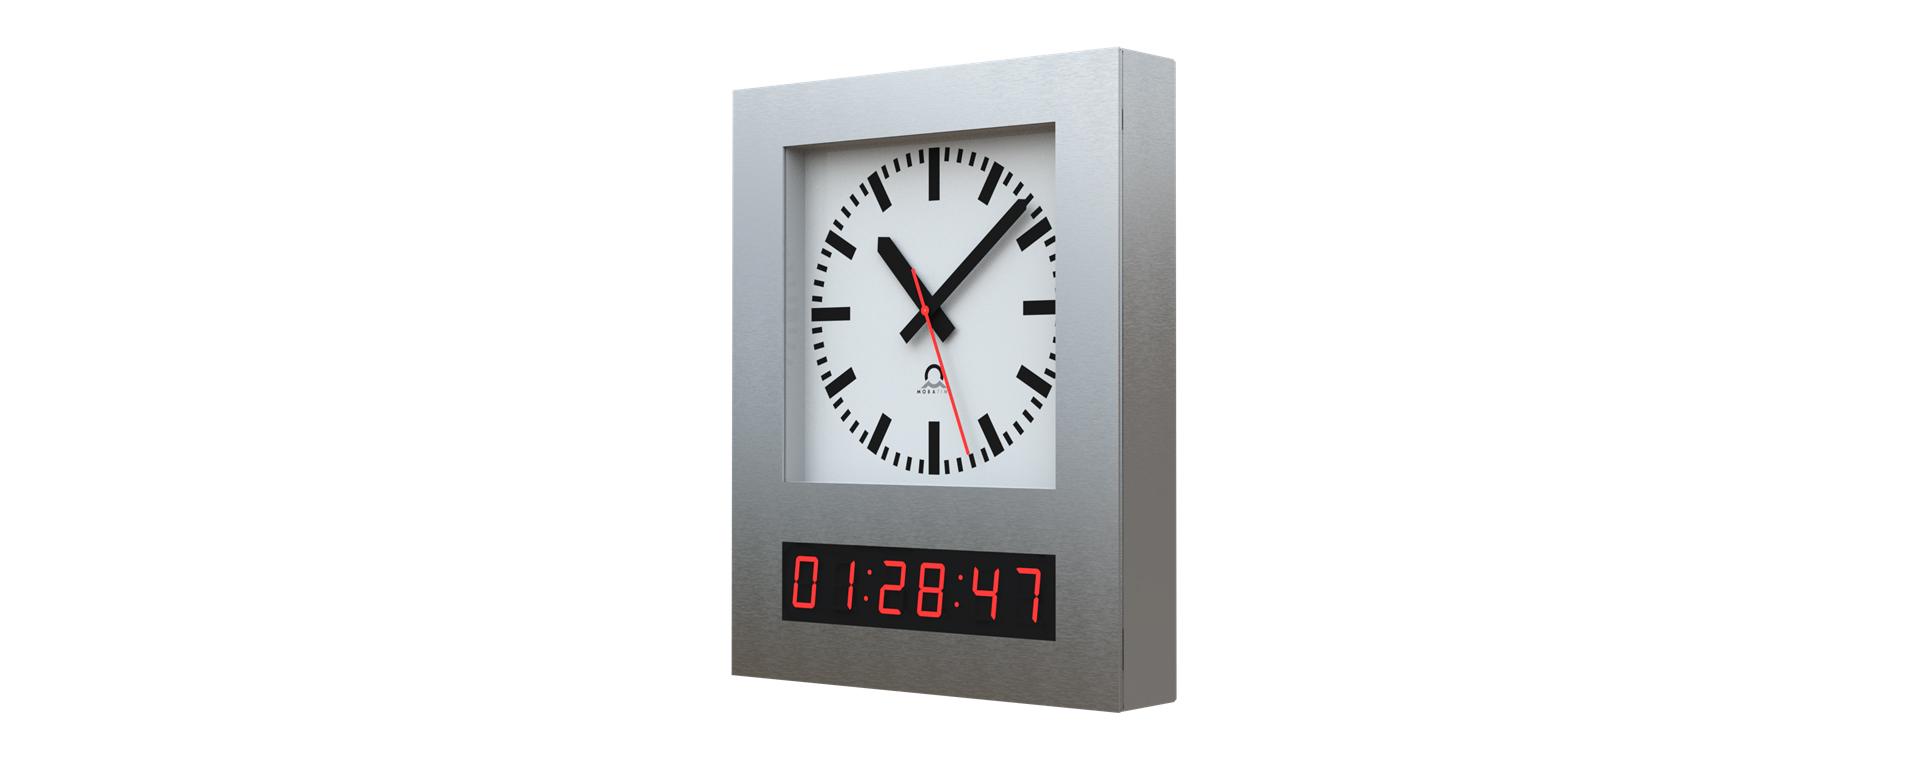 Edelstahl-Uhren für Reinraumumgebung, Chemiebetriebe, Labors sowie die Prozess- und Lebensmittelindustrie